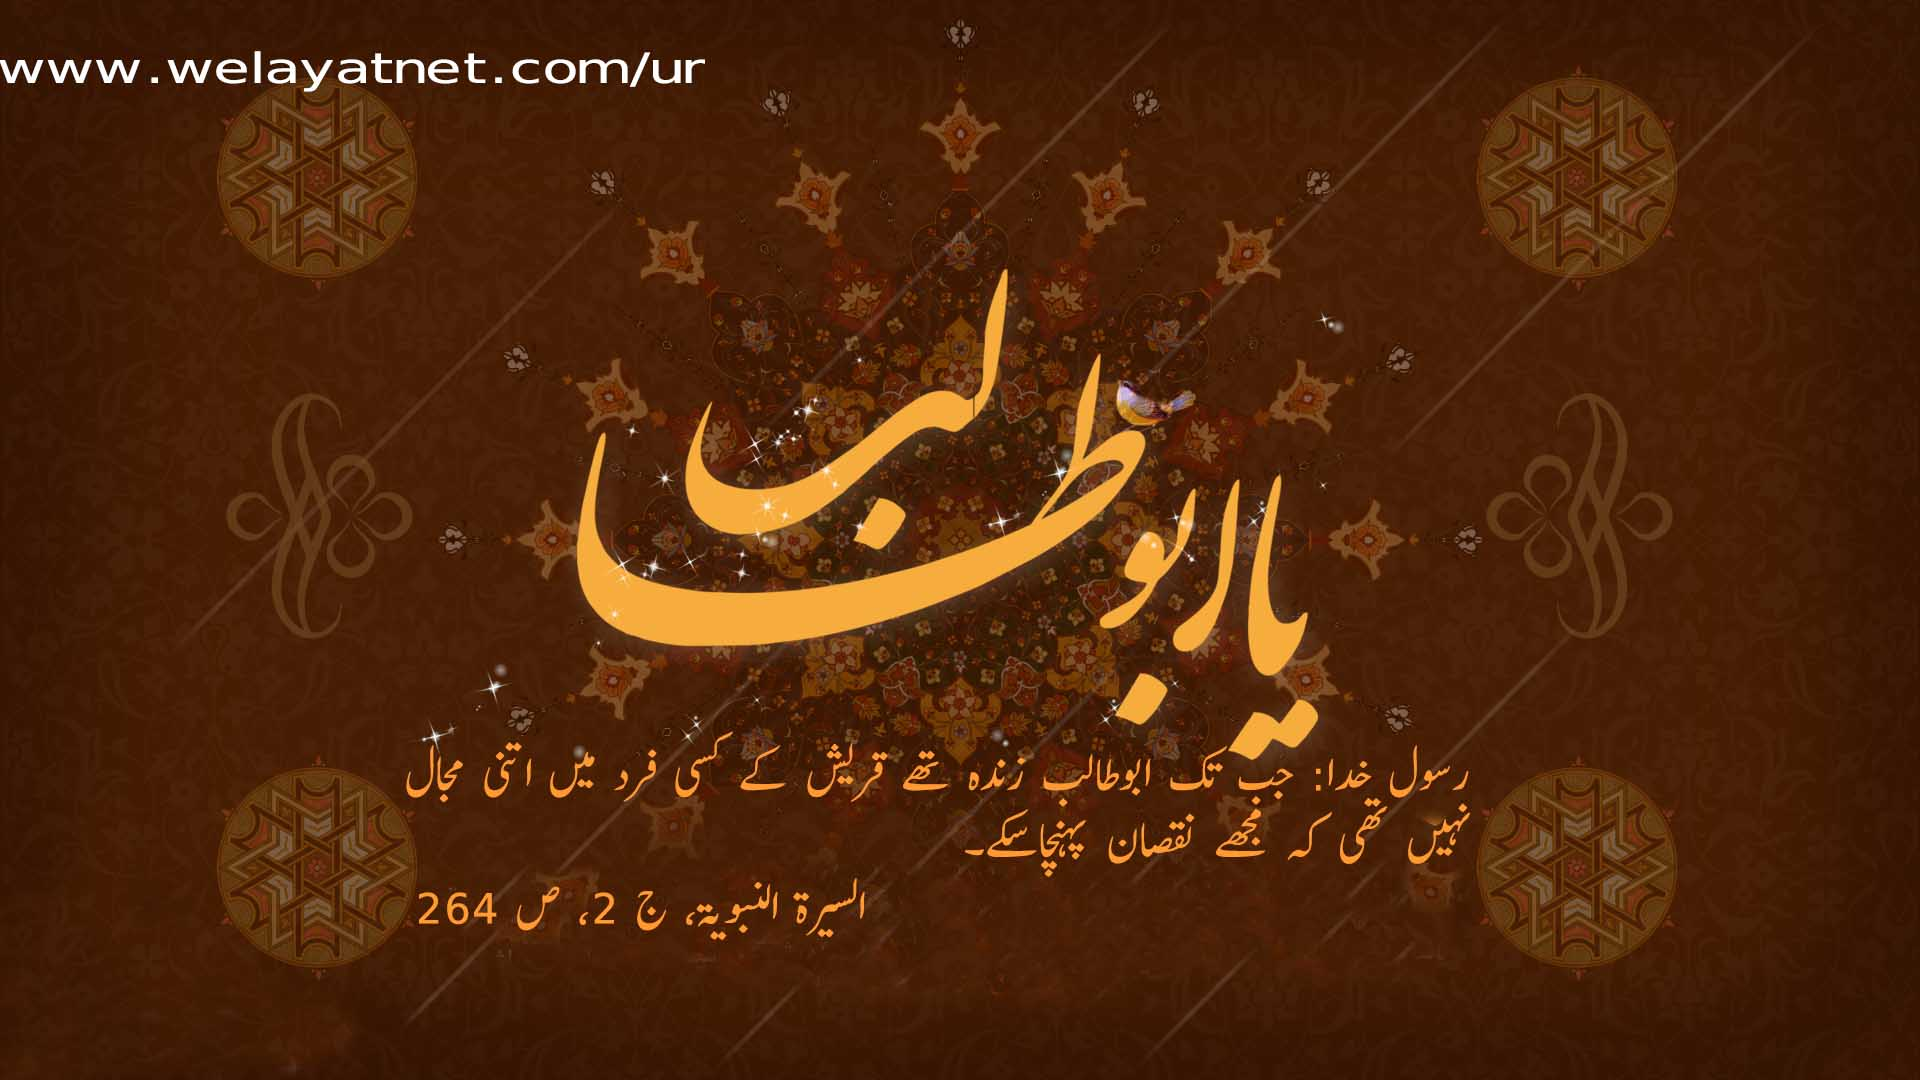 ایمان ابوطالب، علماء اہل سنت کی نگاہ میں (۱)